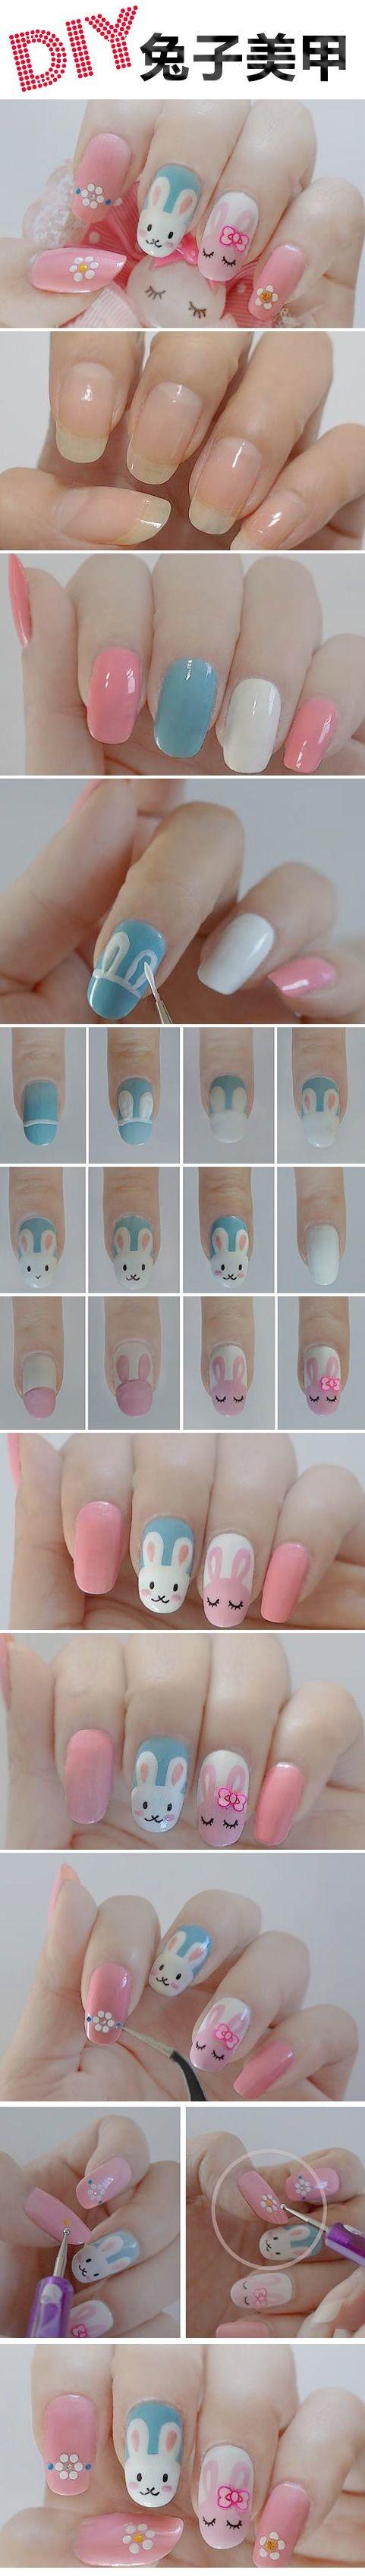 spring-nails2